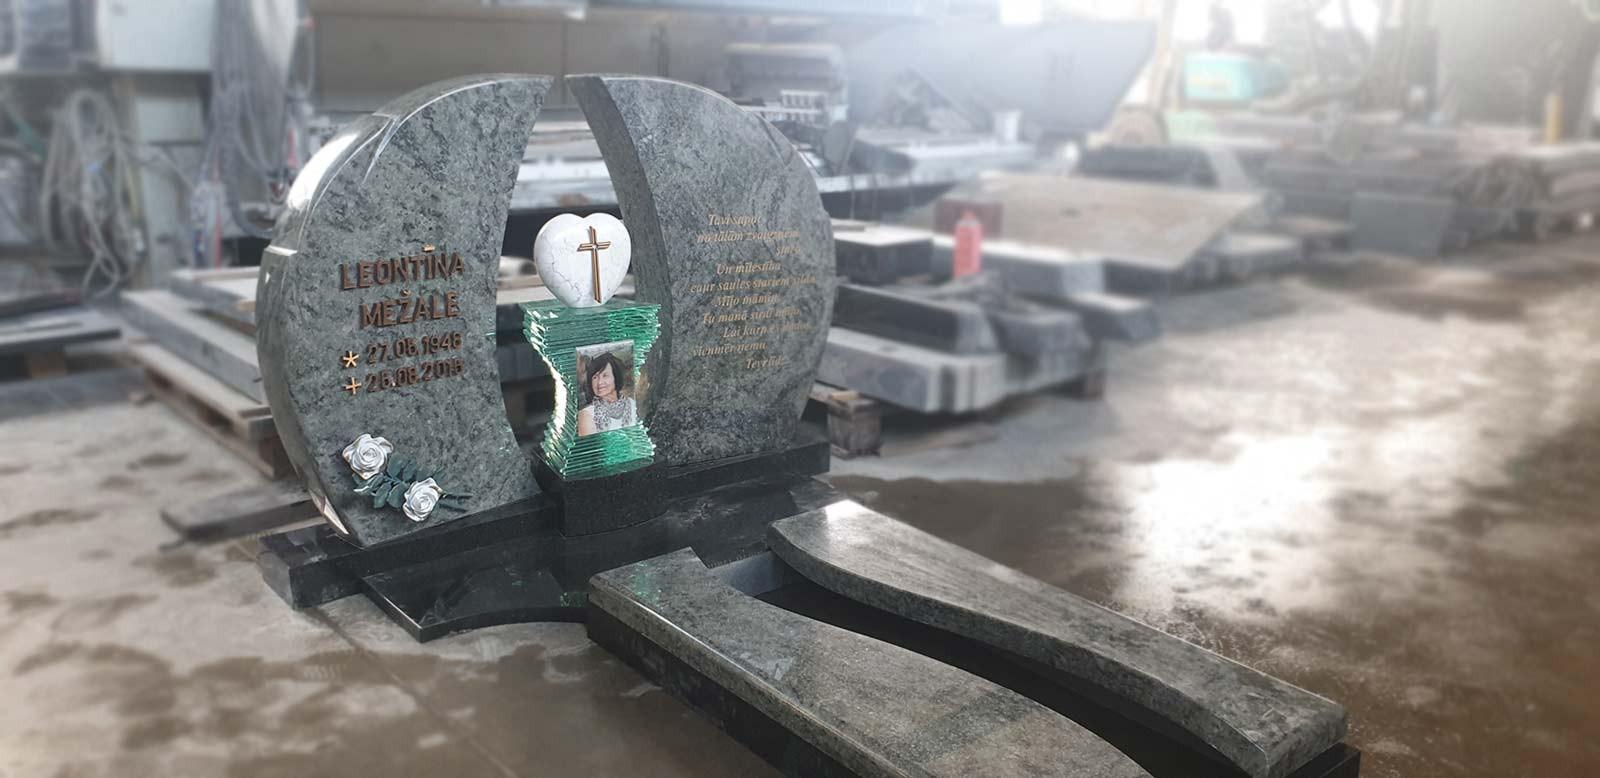 Памятник и полузакрытое надгробие из черного и зеленого гранита